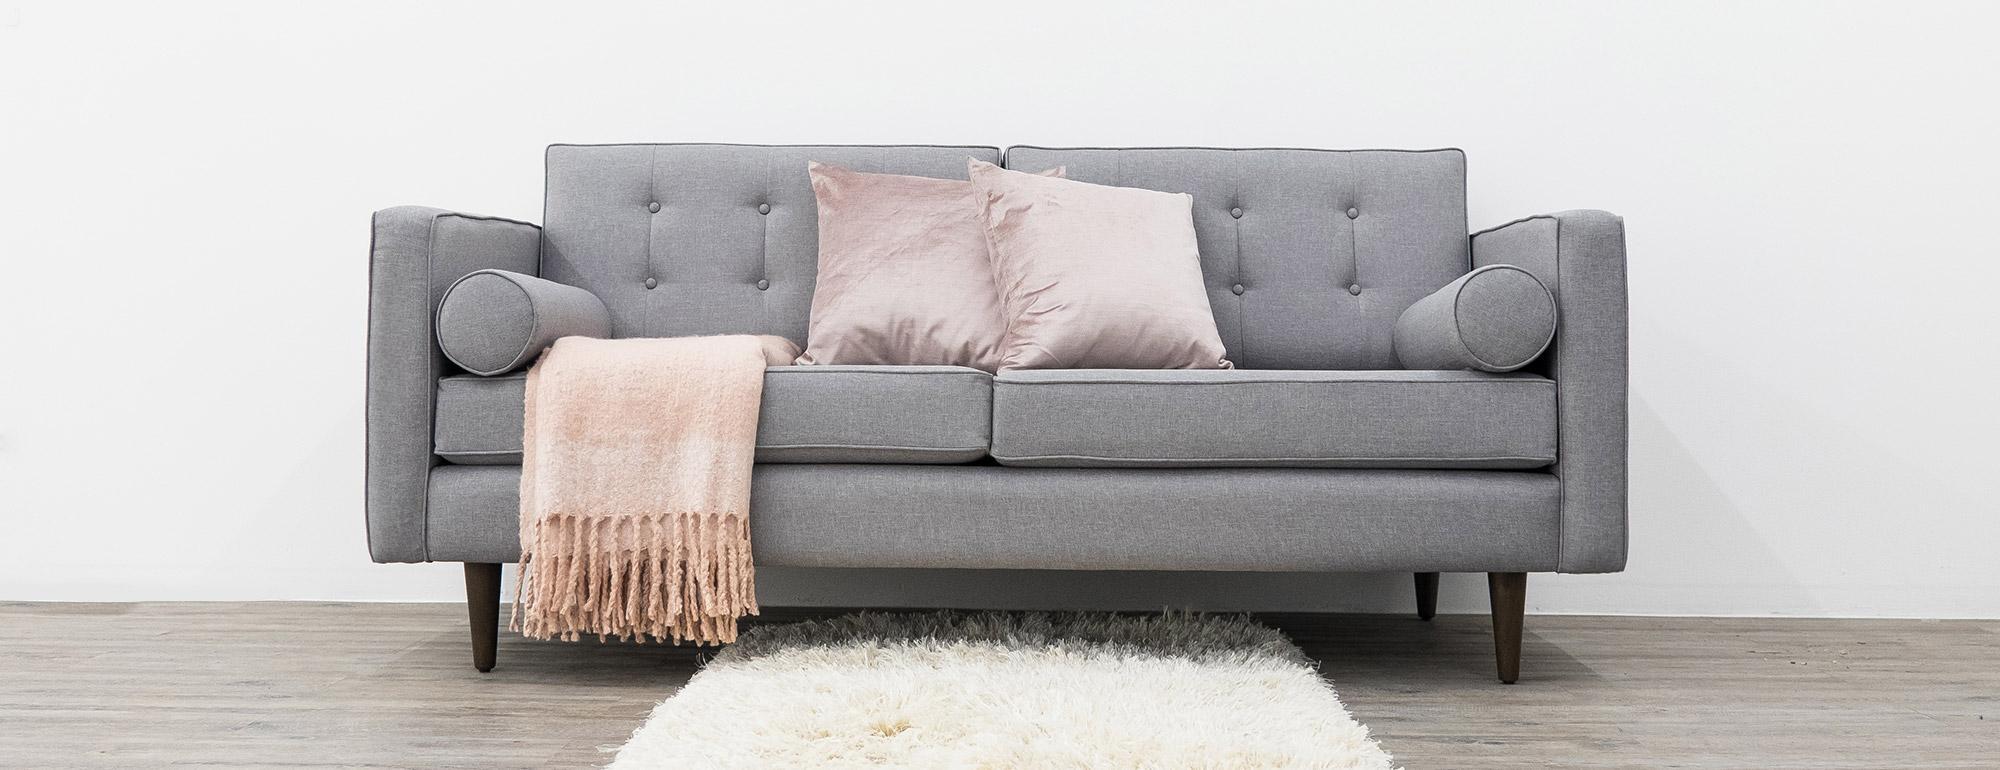 Braxton Loveseat | Joybird In Braxton Sofas (Image 8 of 20)